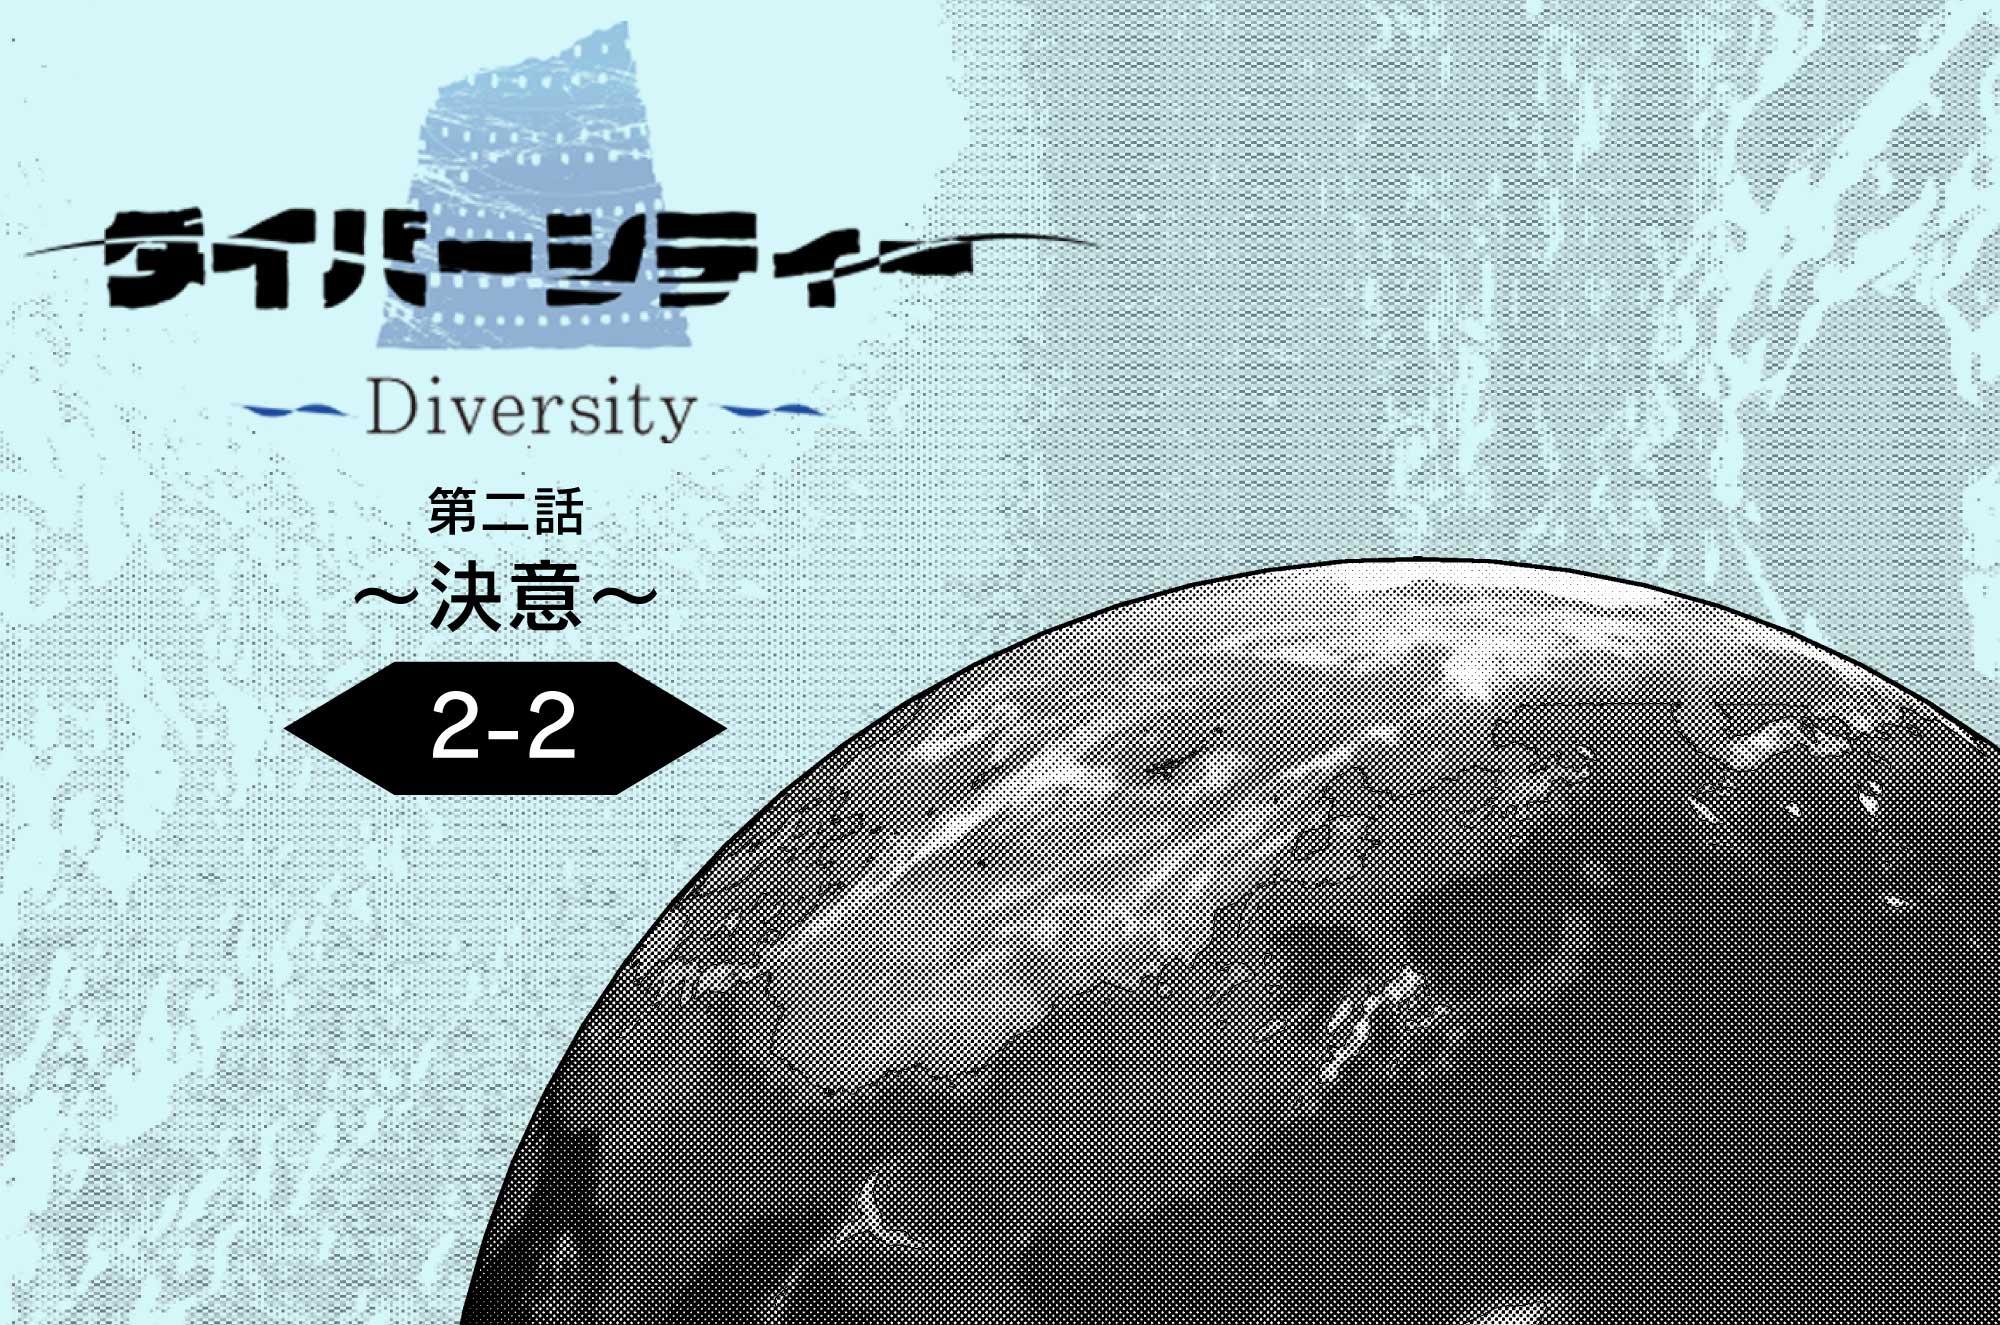 ダイバーシティー第二話 【決意2-2】web漫画